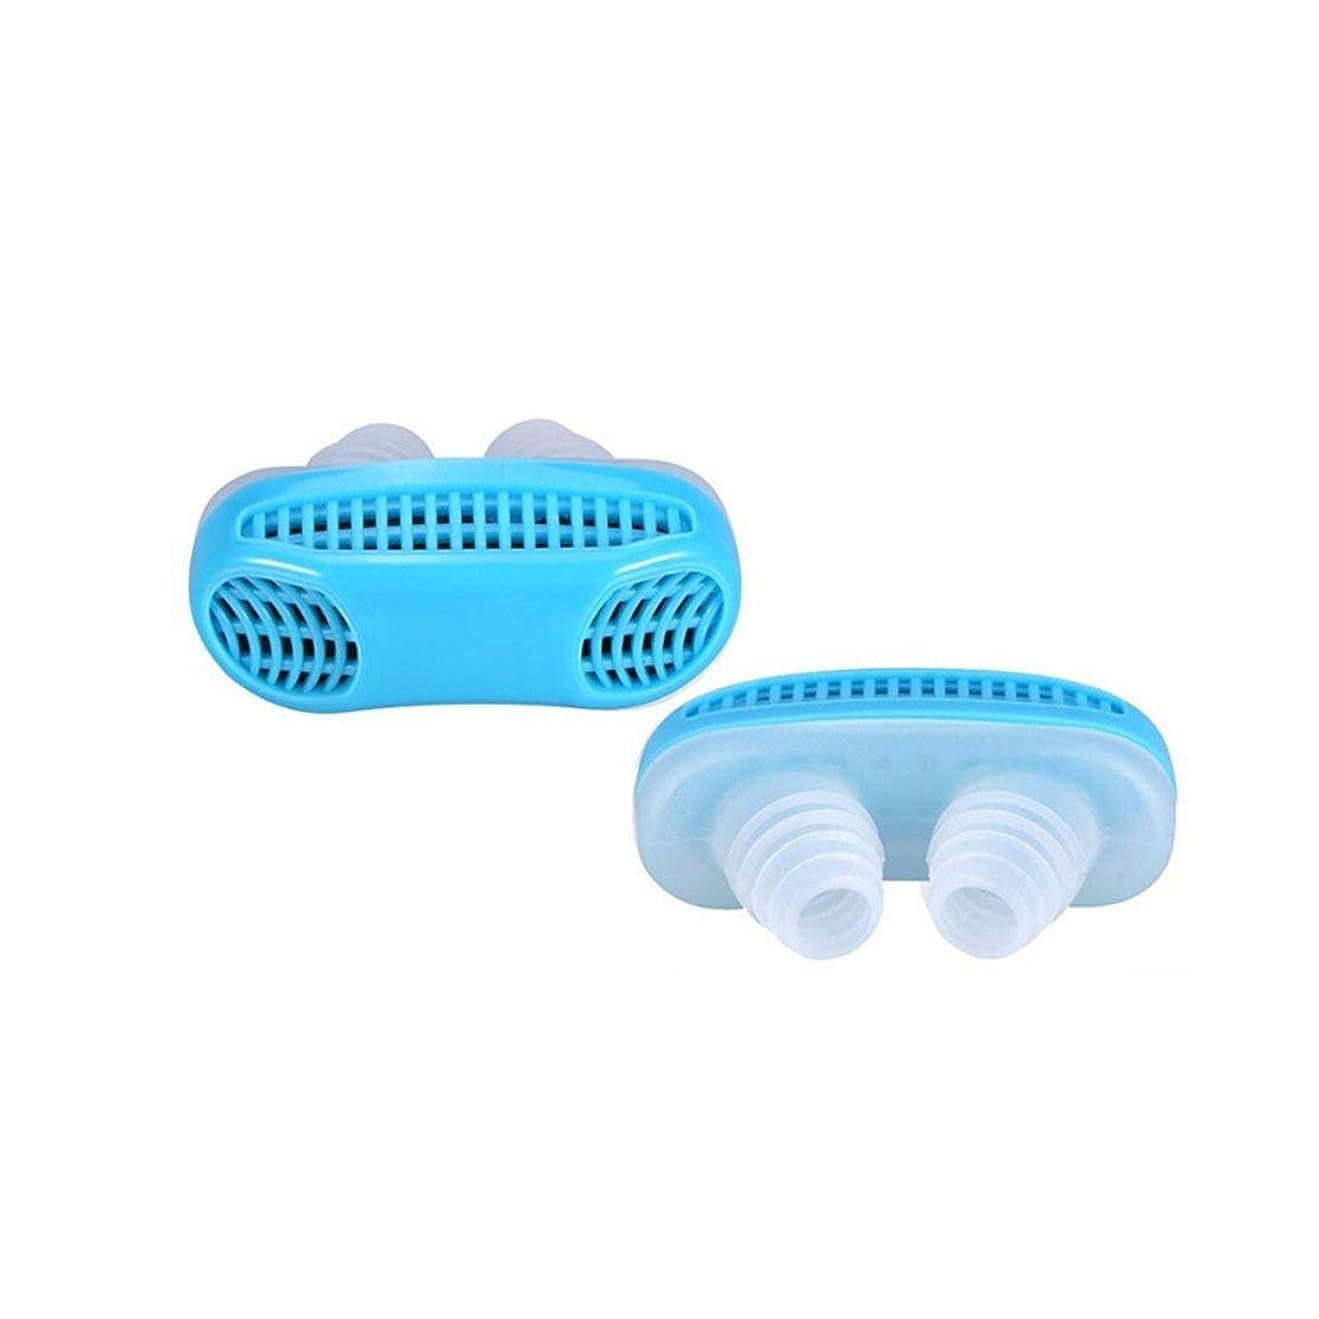 指令取り除くの量アンチいびき最新の空気清浄機ミニ鼻停止いびき鼻呼吸鼻呼吸器睡眠補助空気汚染回避 (PandaWelly)